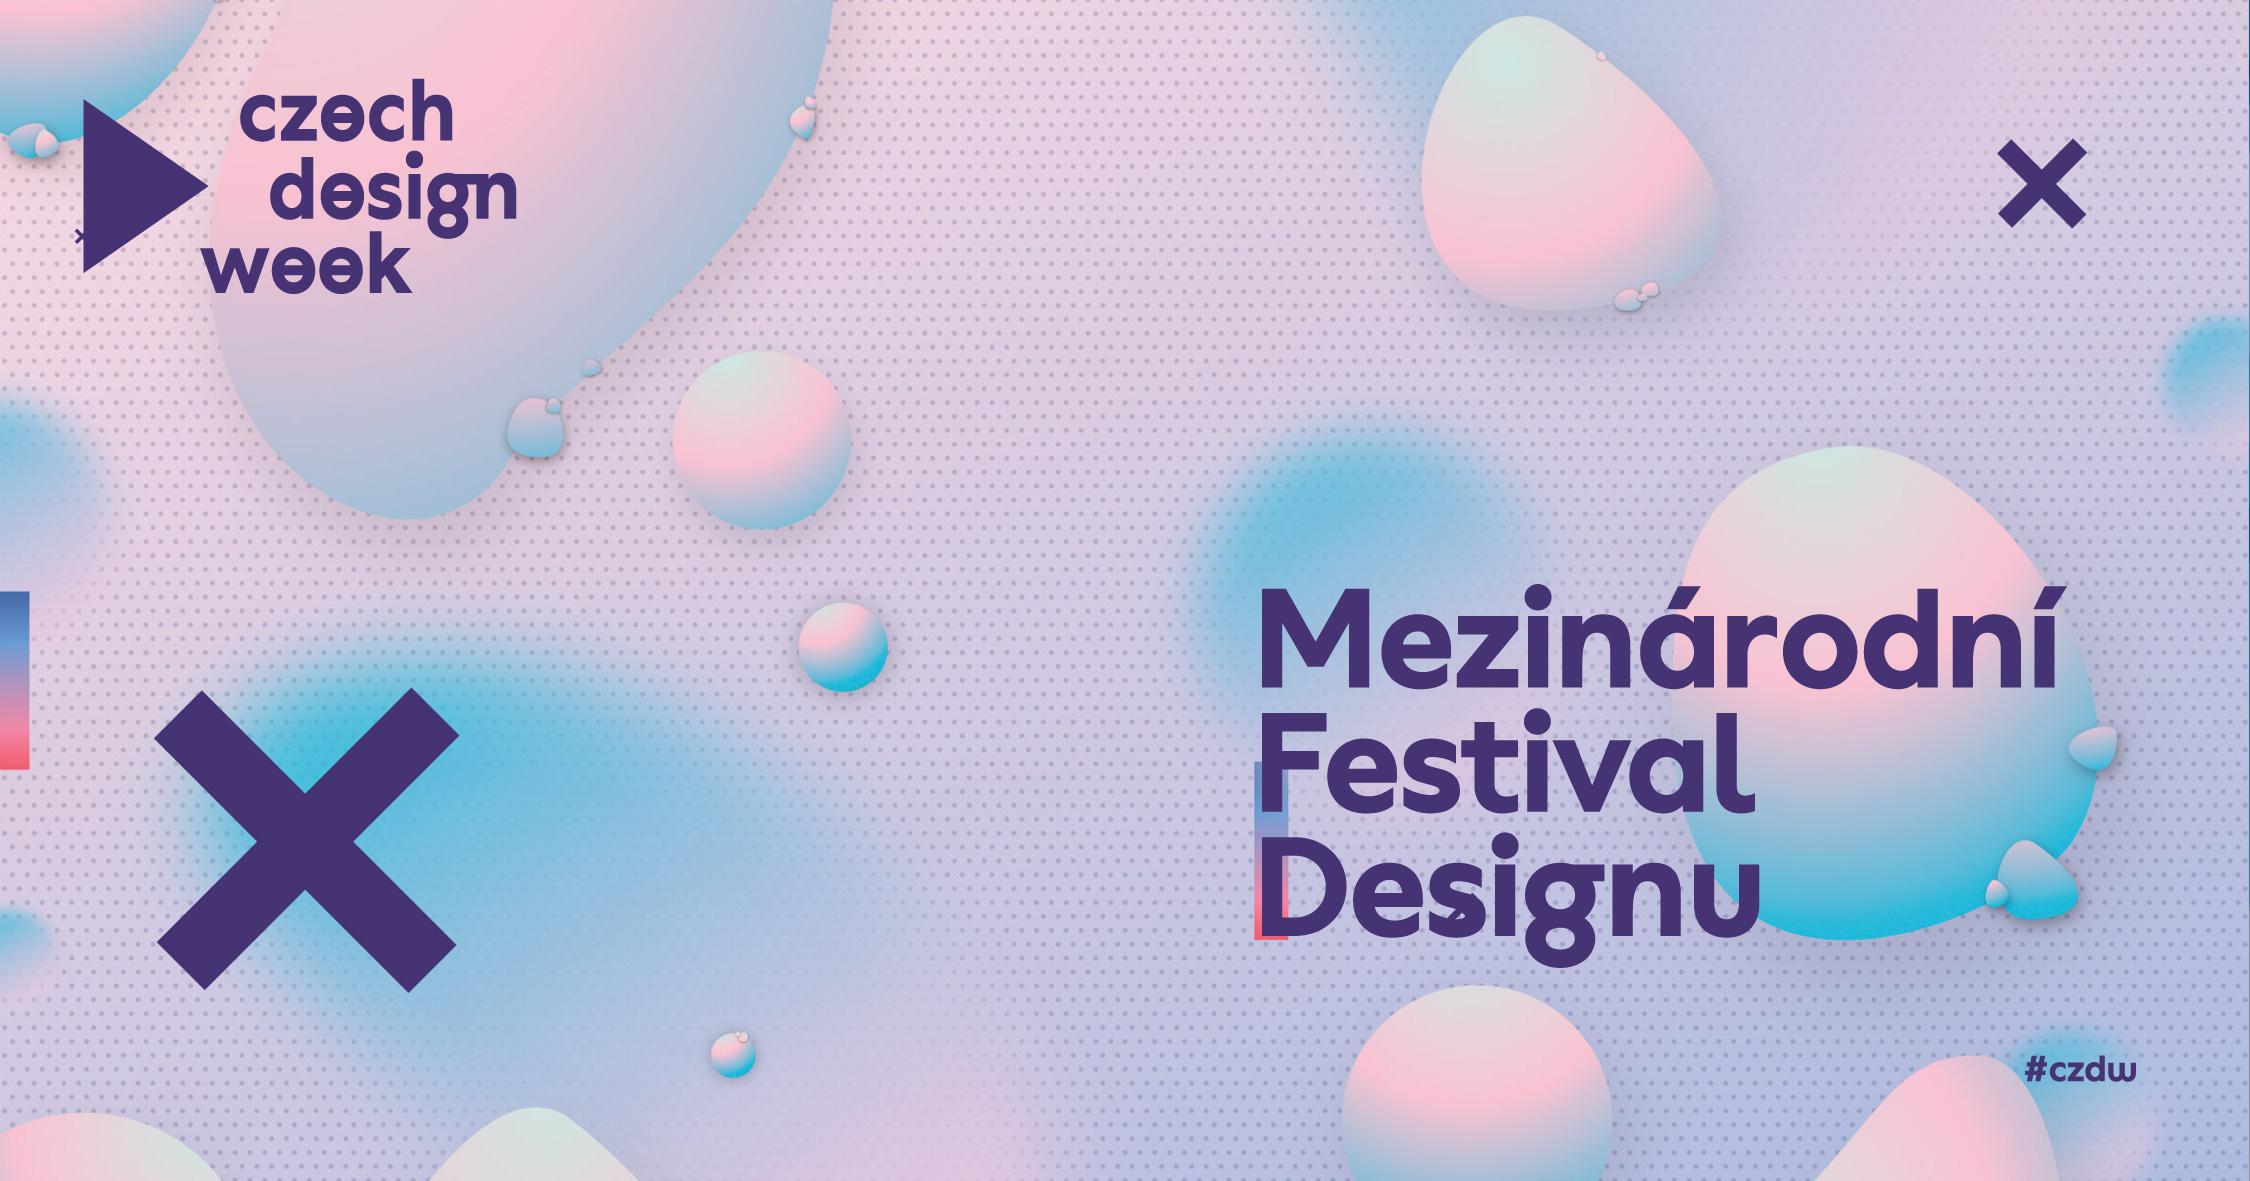 Czech Design Week - International Design Festival